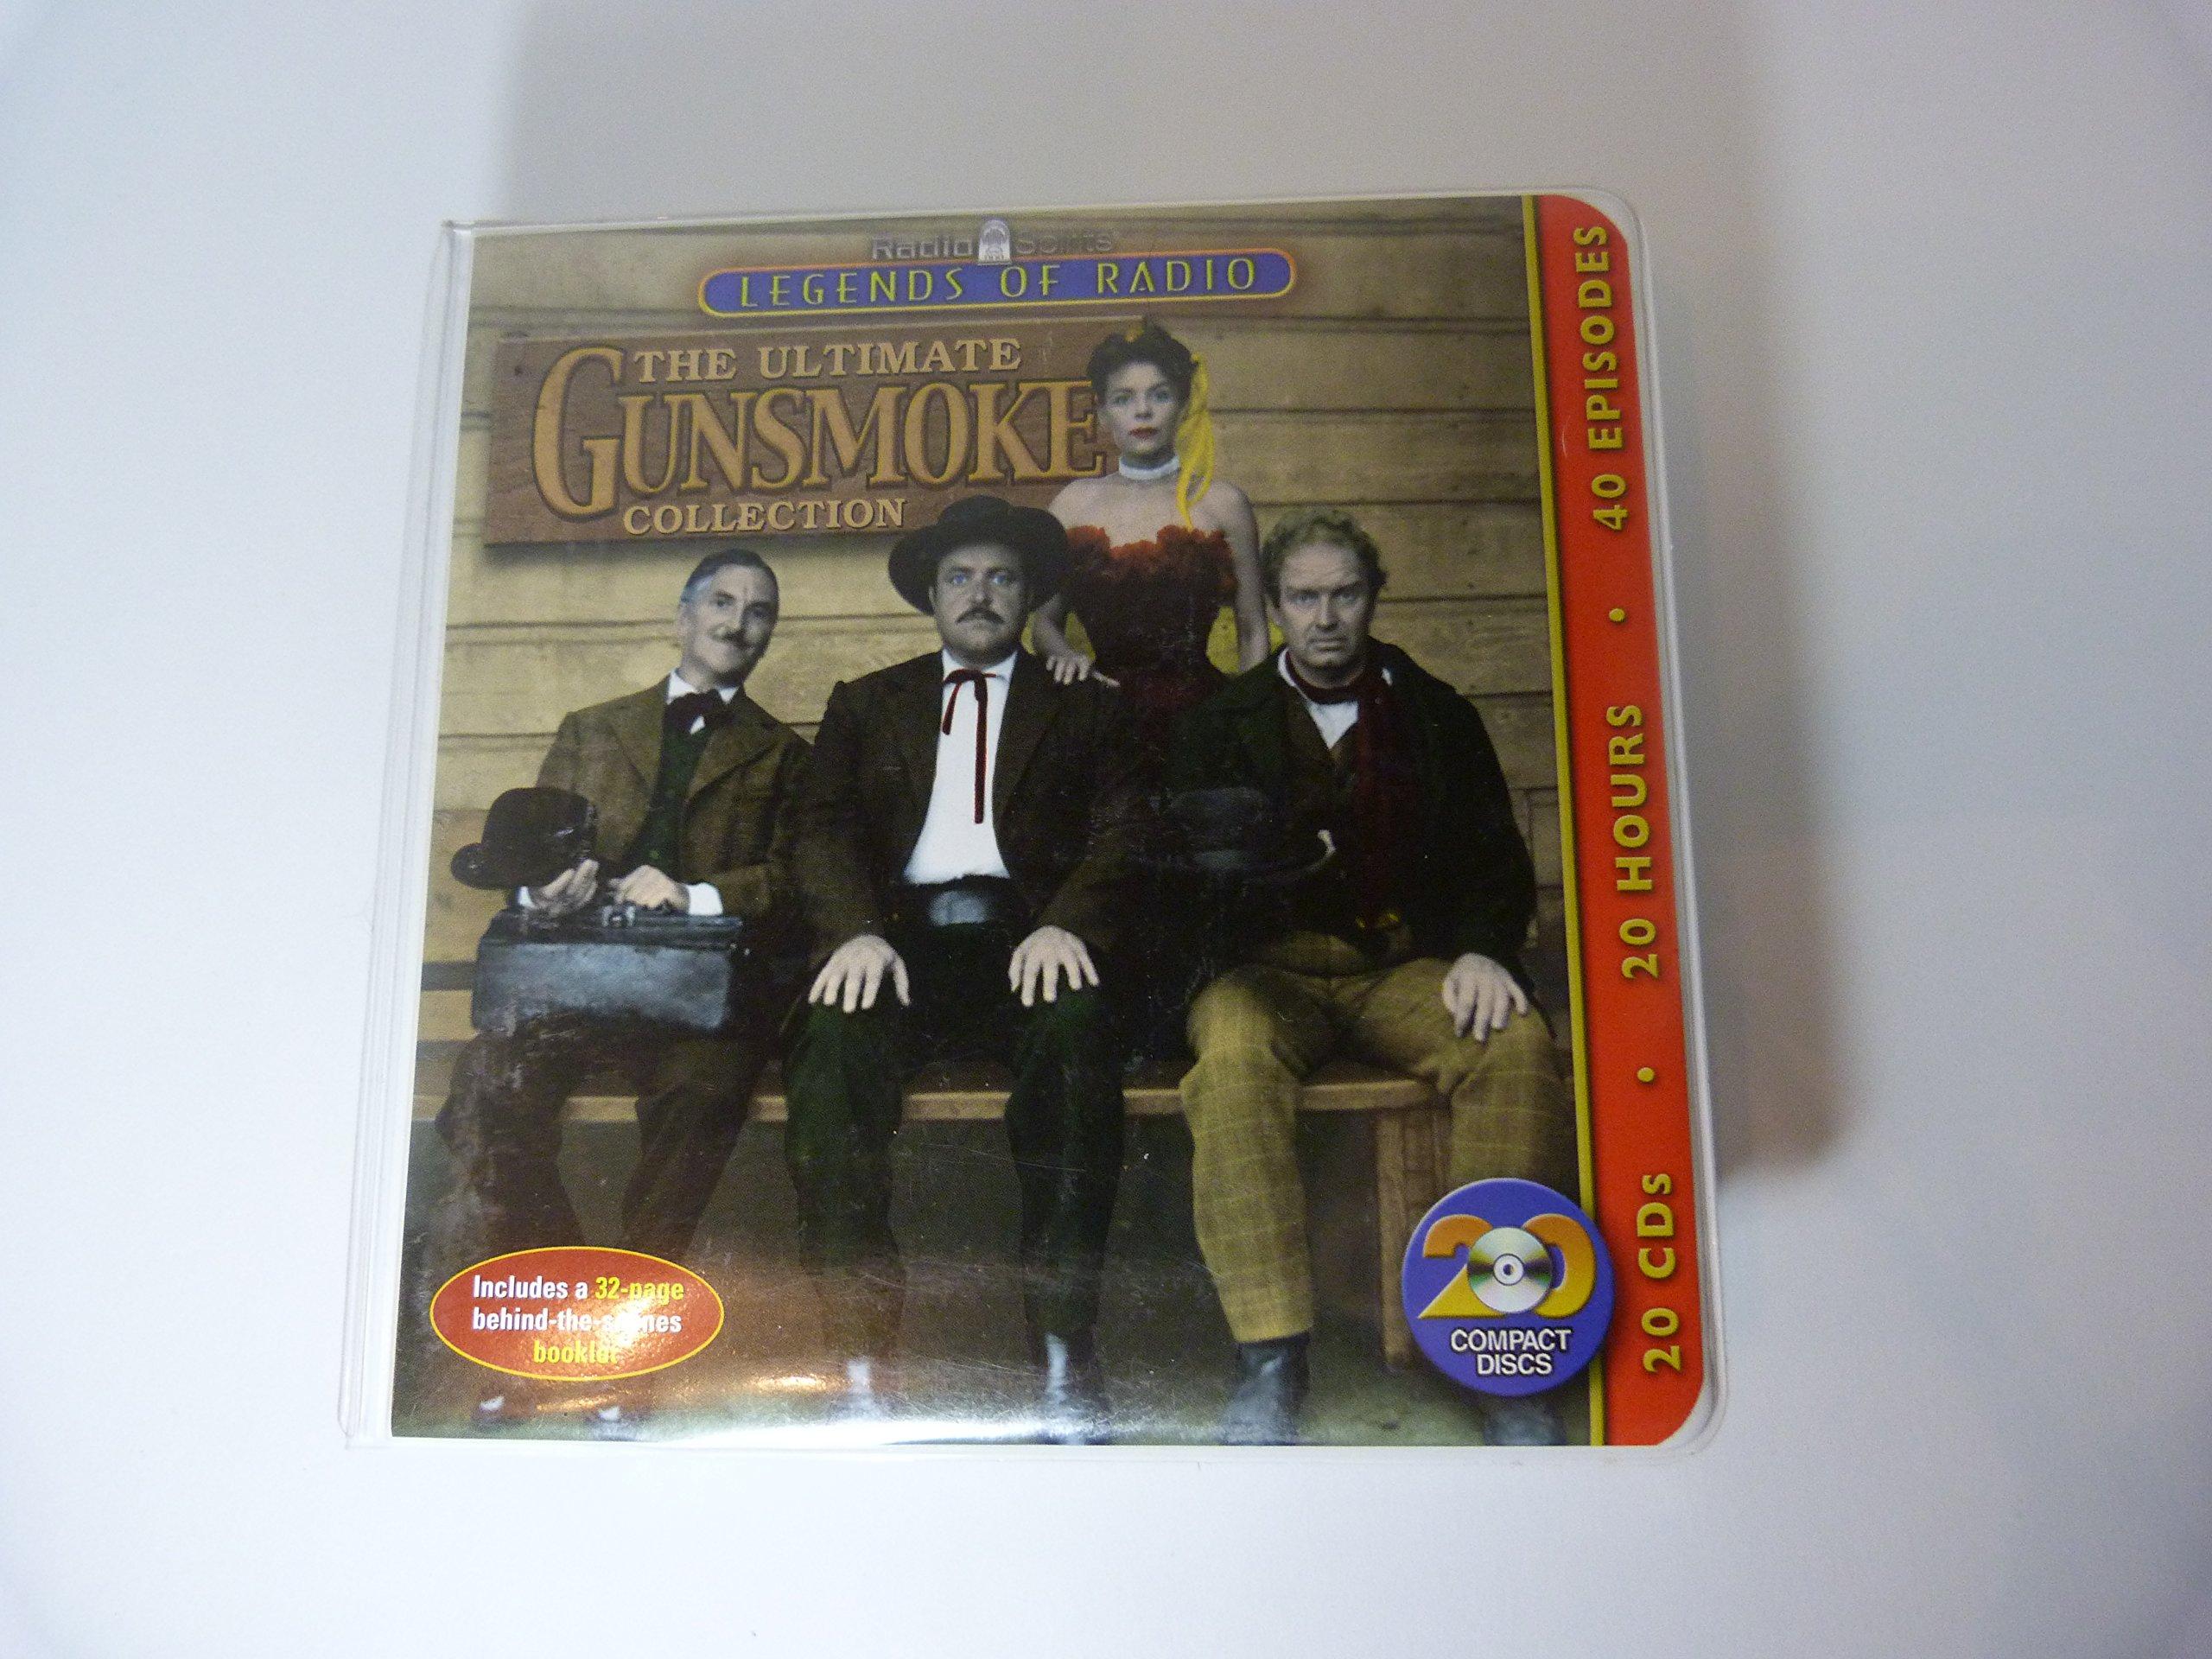 Legends of Radio: Gunsmoke